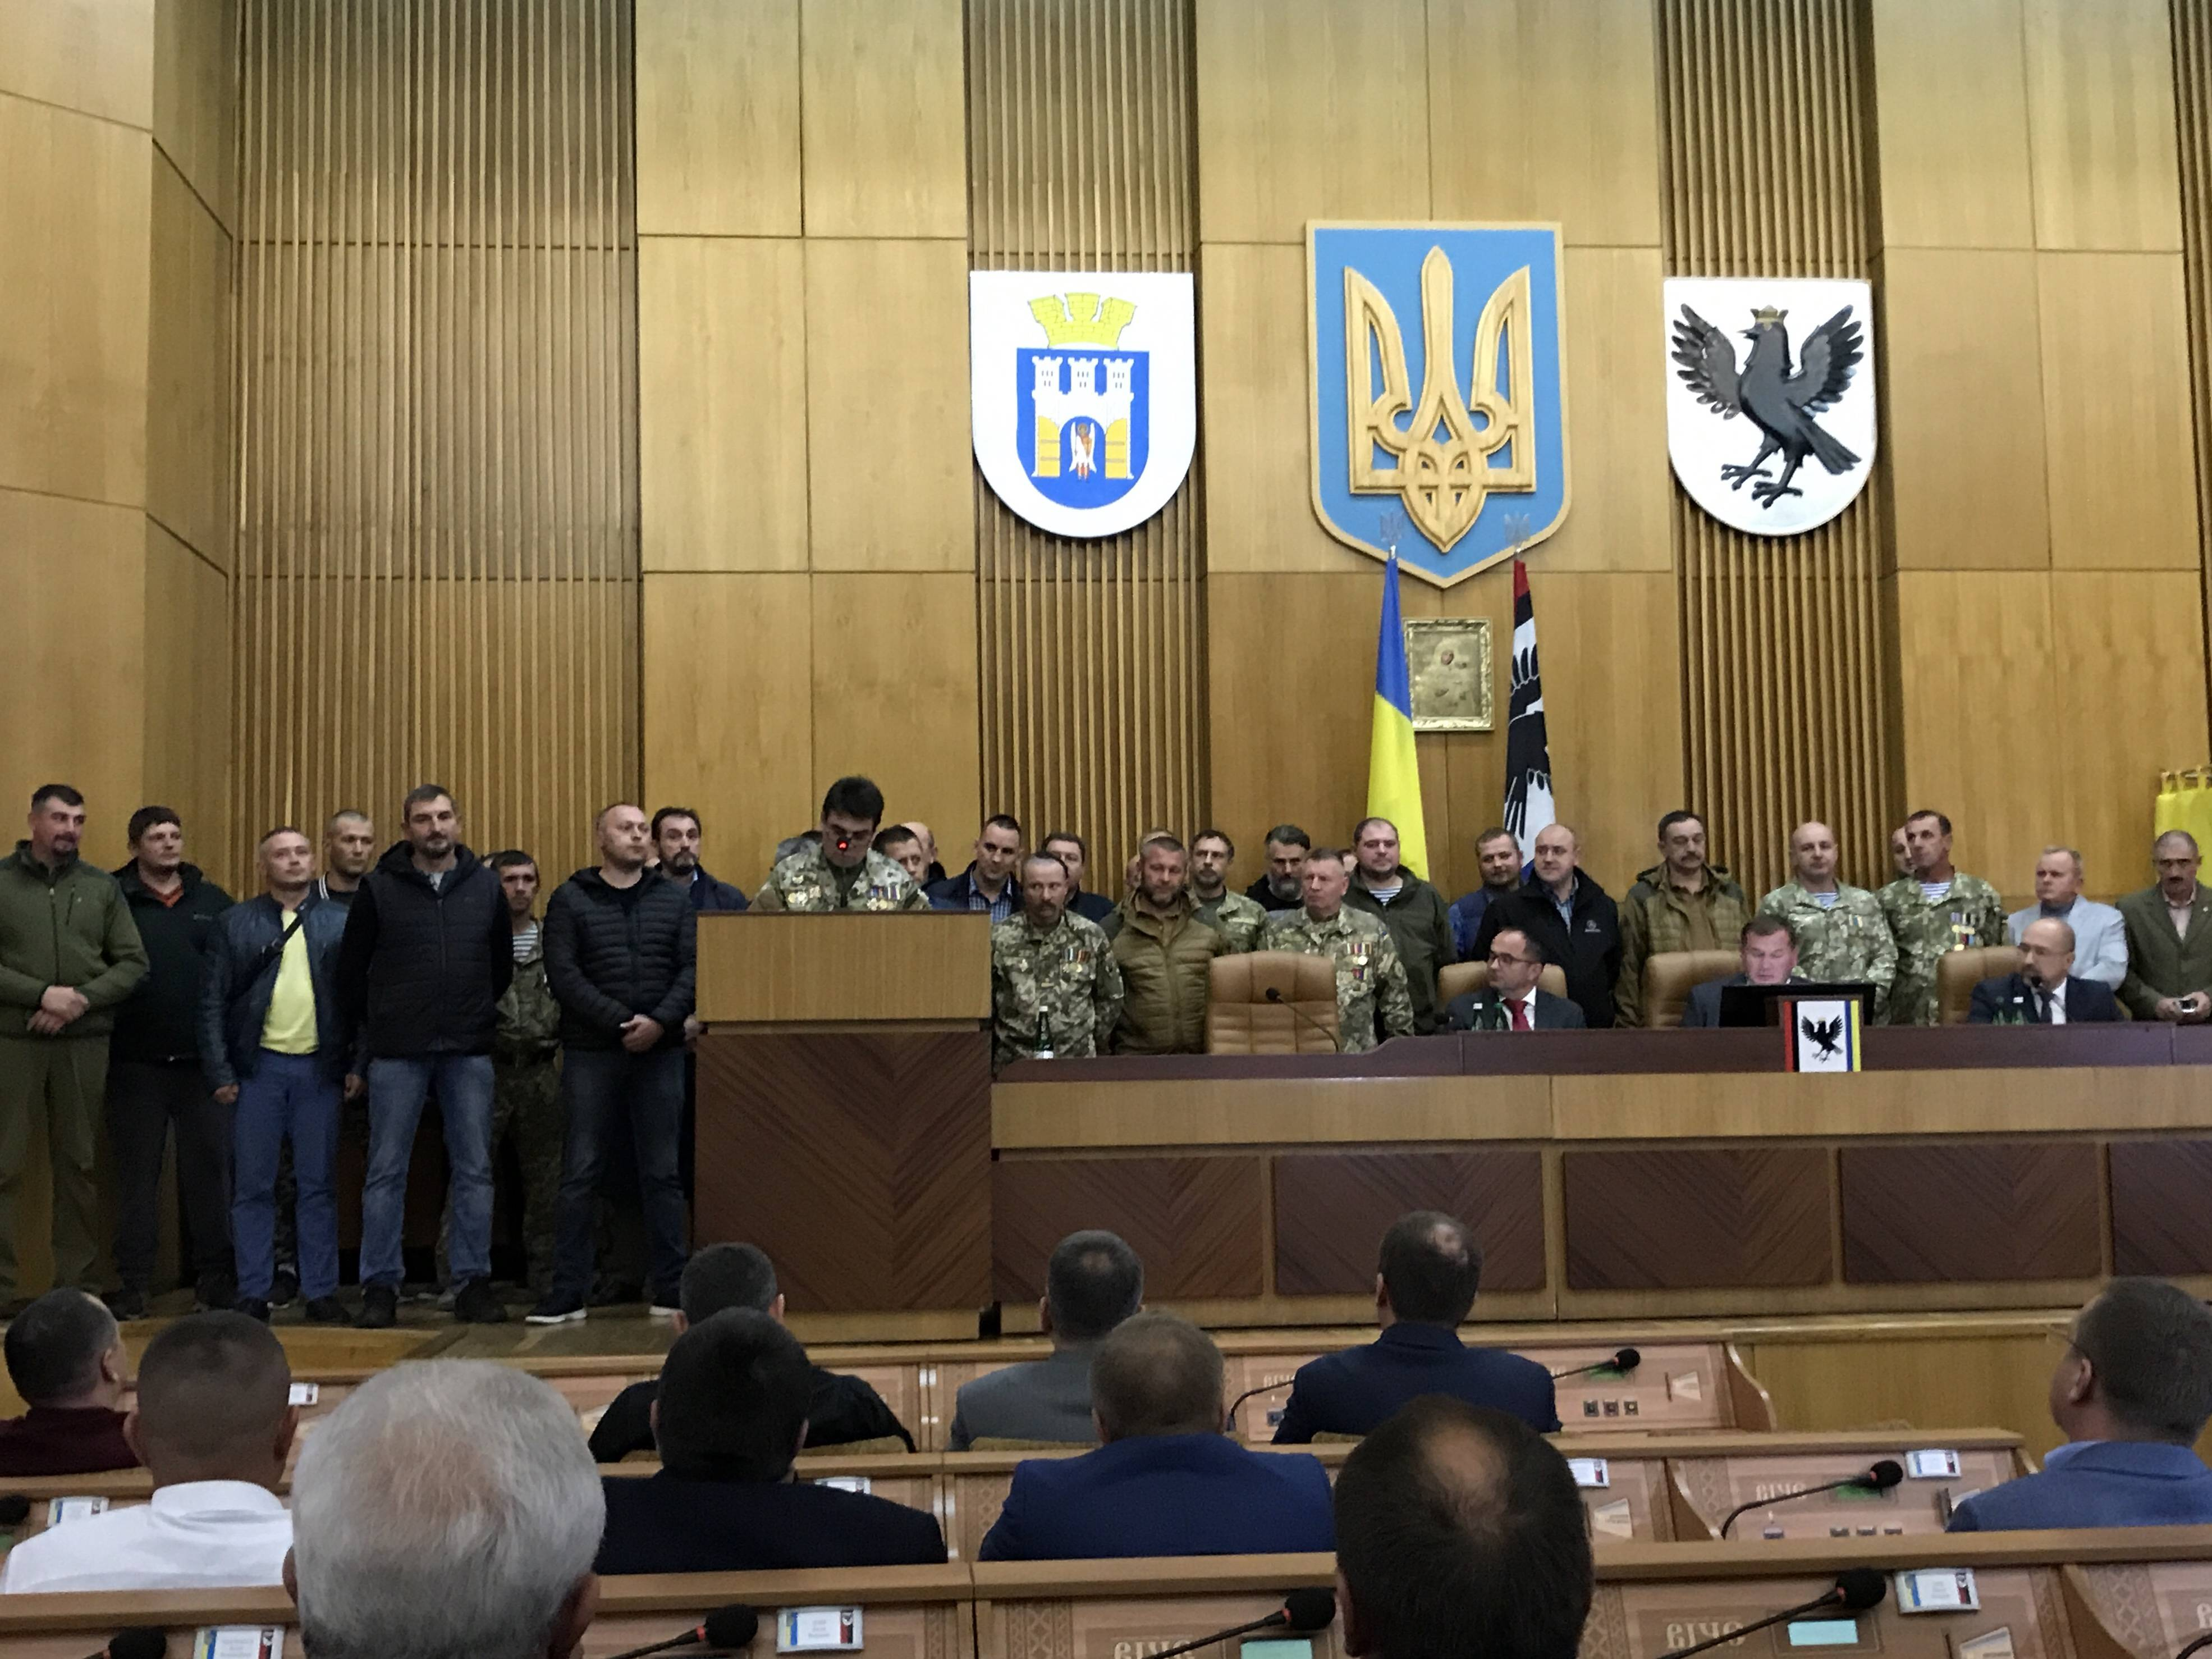 Проти «формули Штайнмаєра»: прикарпатські депутати підготували звернення до Зеленського (ФОТО)